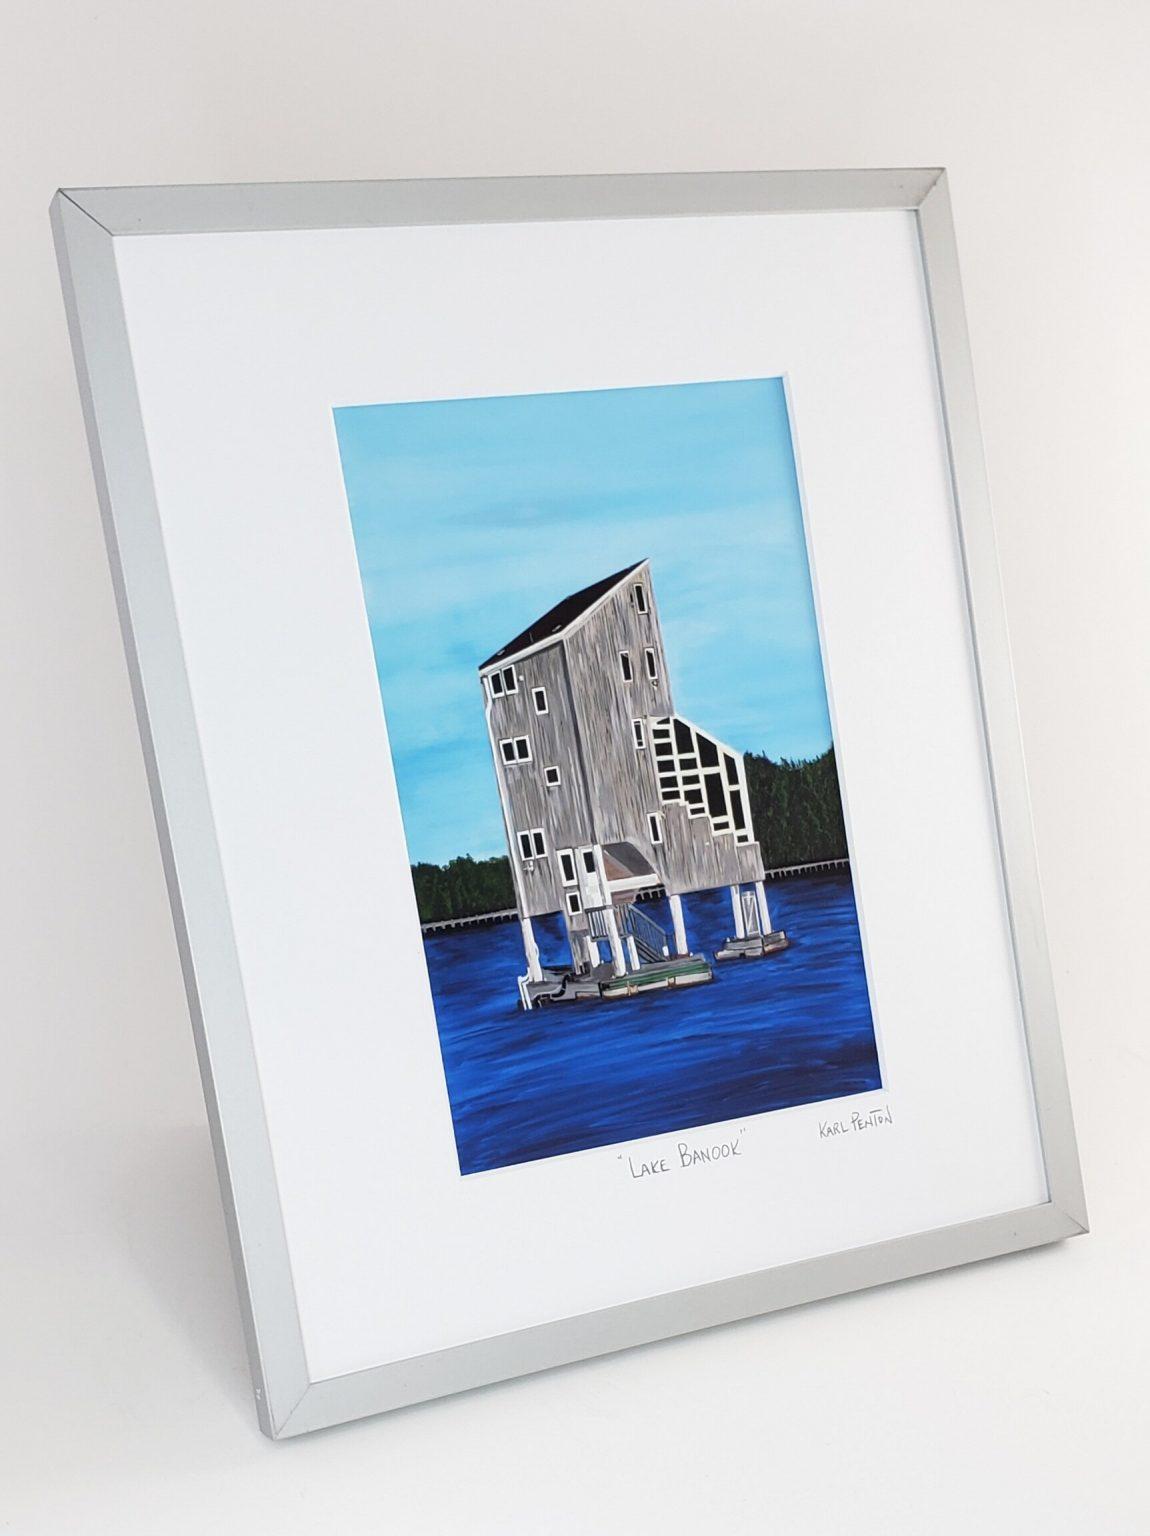 Lake Banook framed print by Karl Penton